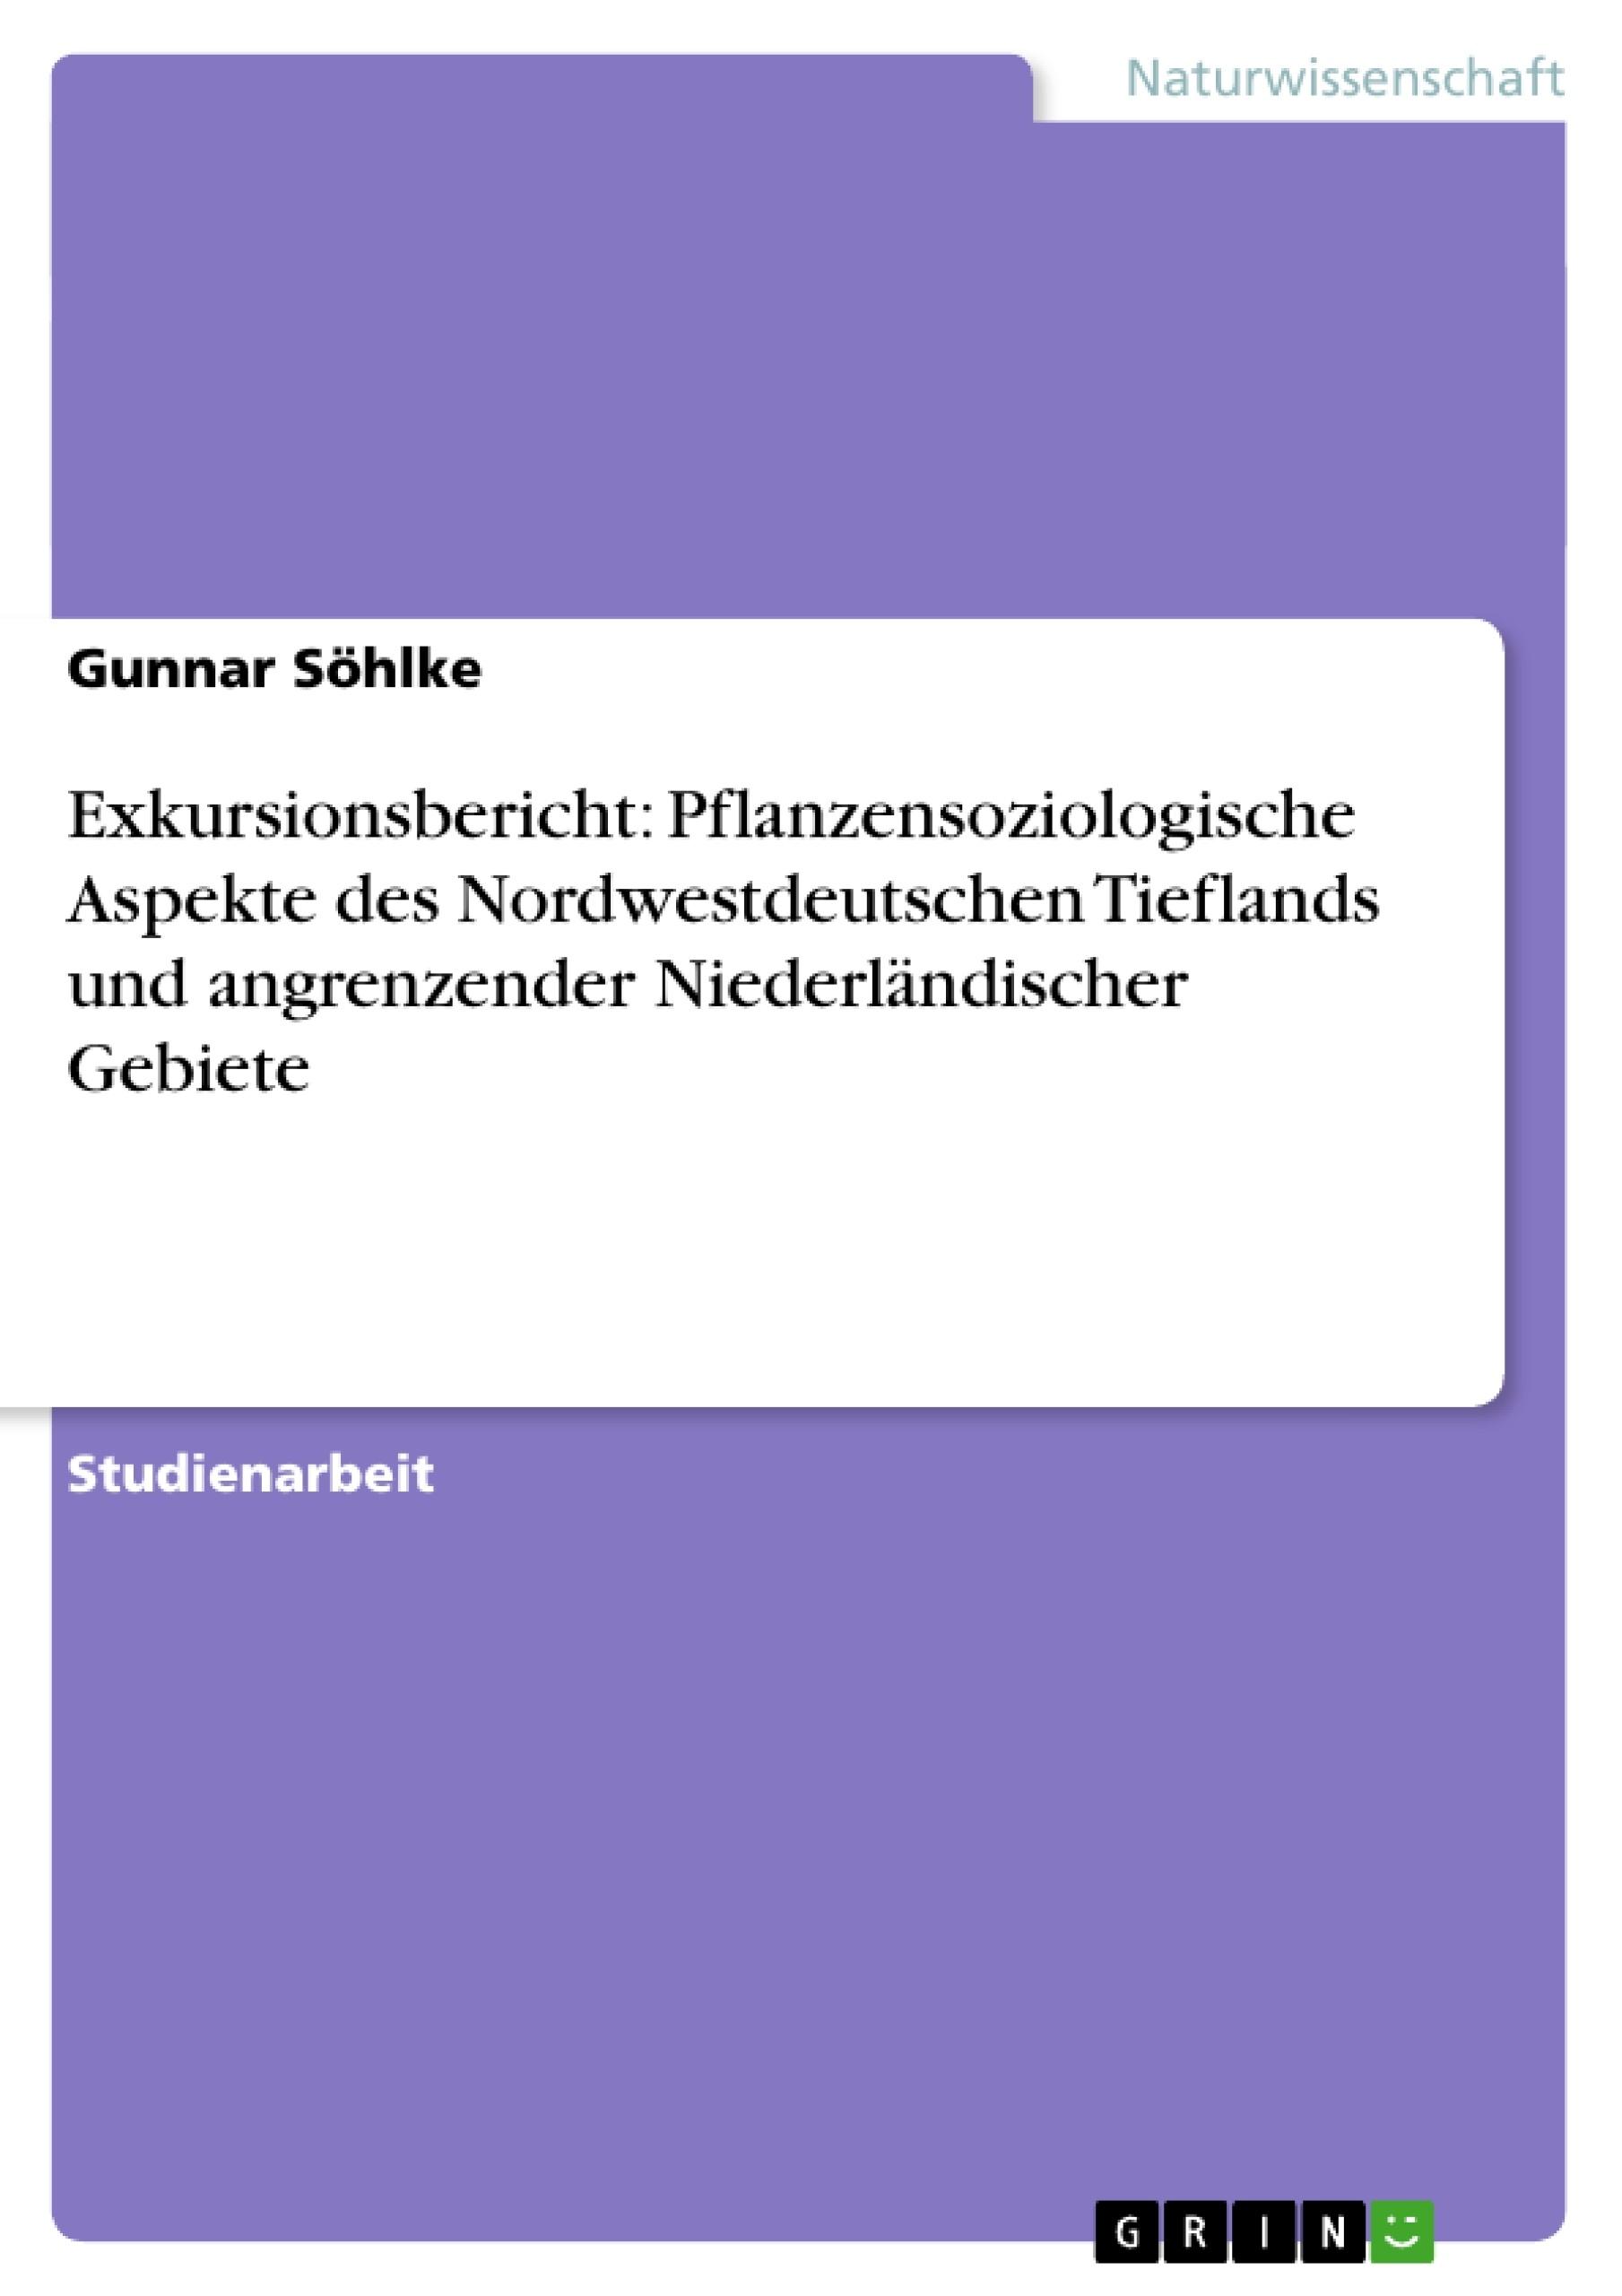 Titel: Exkursionsbericht: Pflanzensoziologische Aspekte des Nordwestdeutschen Tieflands und angrenzender Niederländischer Gebiete